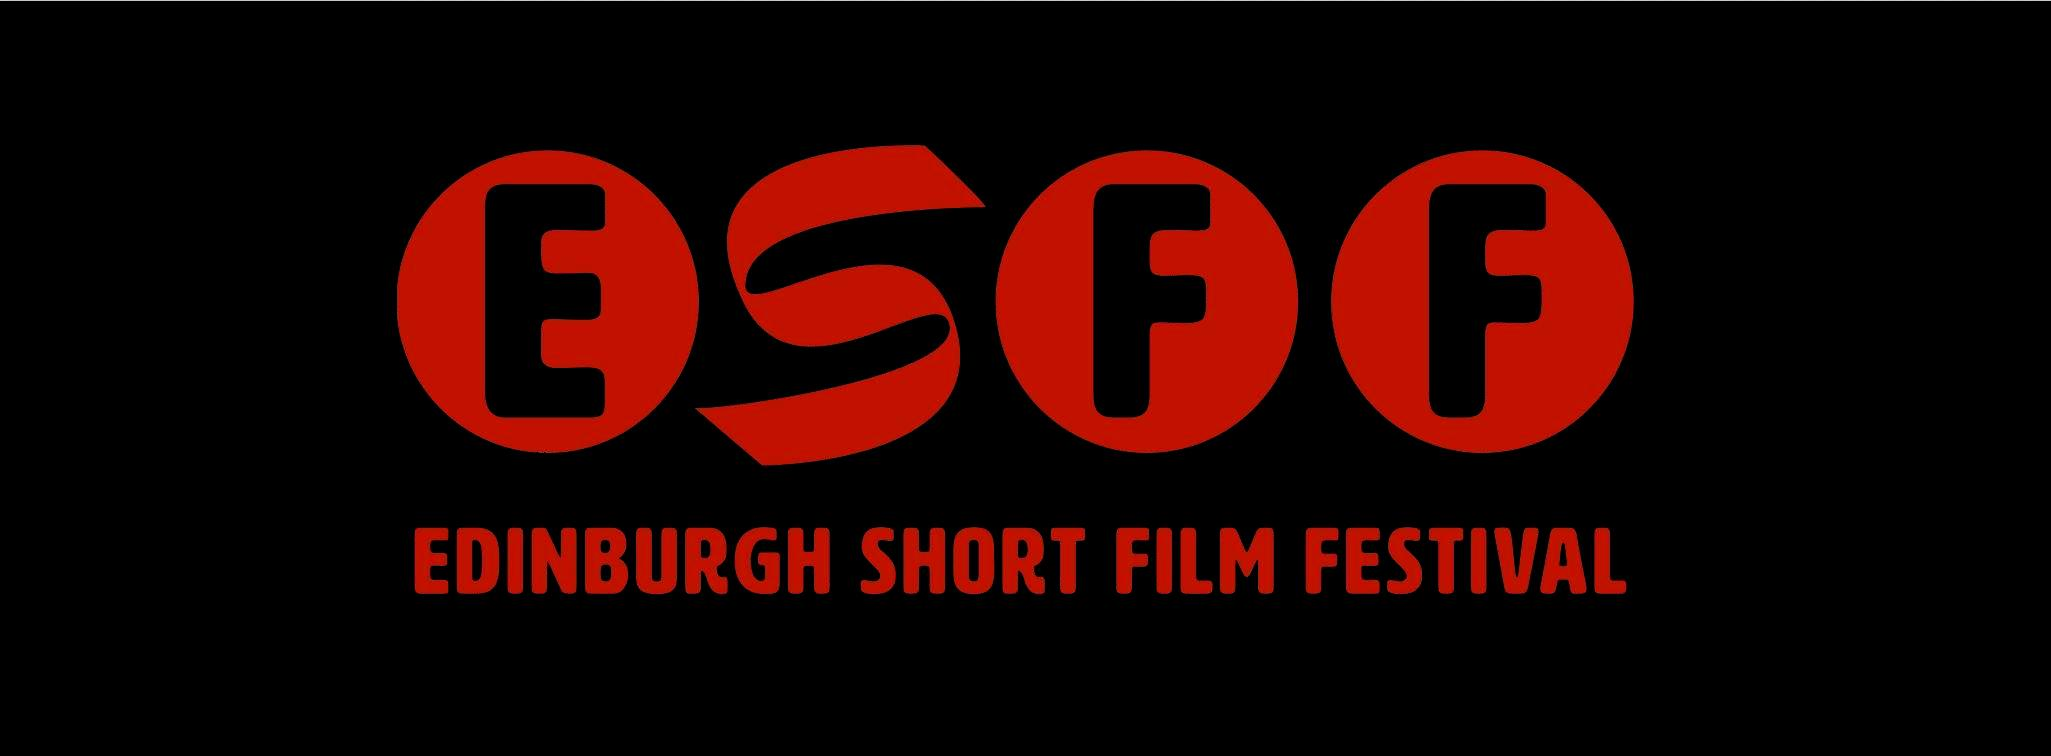 Edinburgh Short Film Festival